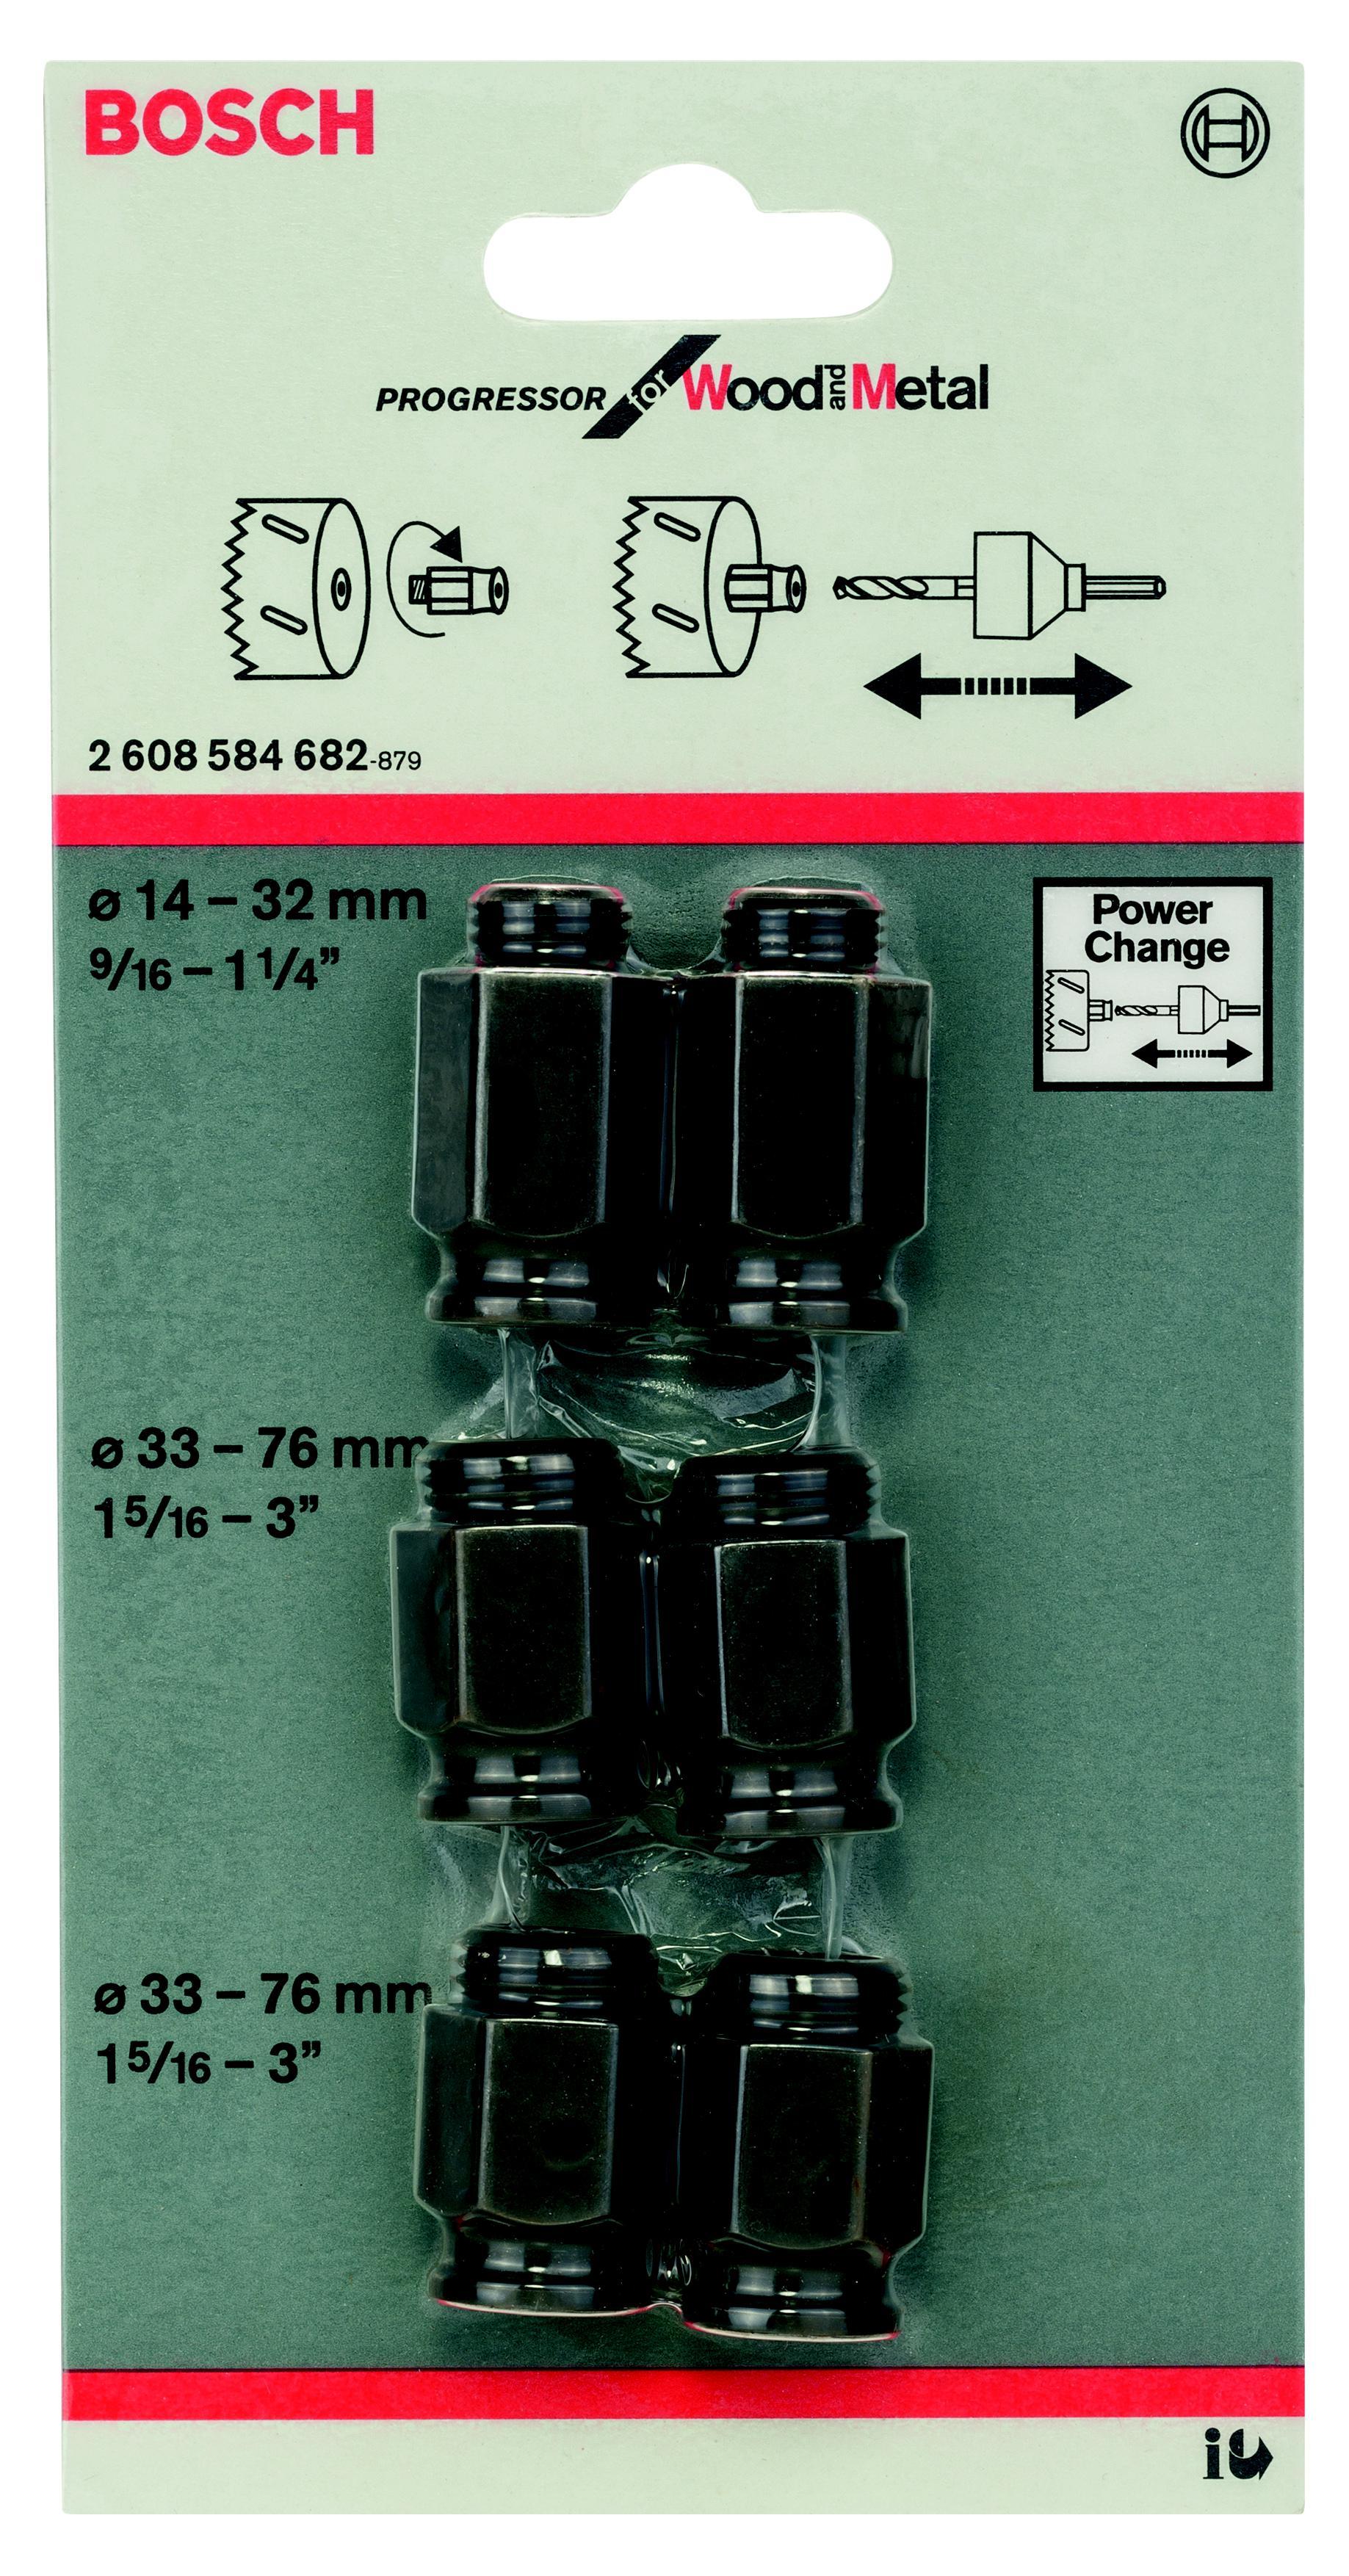 Переходник Bosch Power change (2608584682)